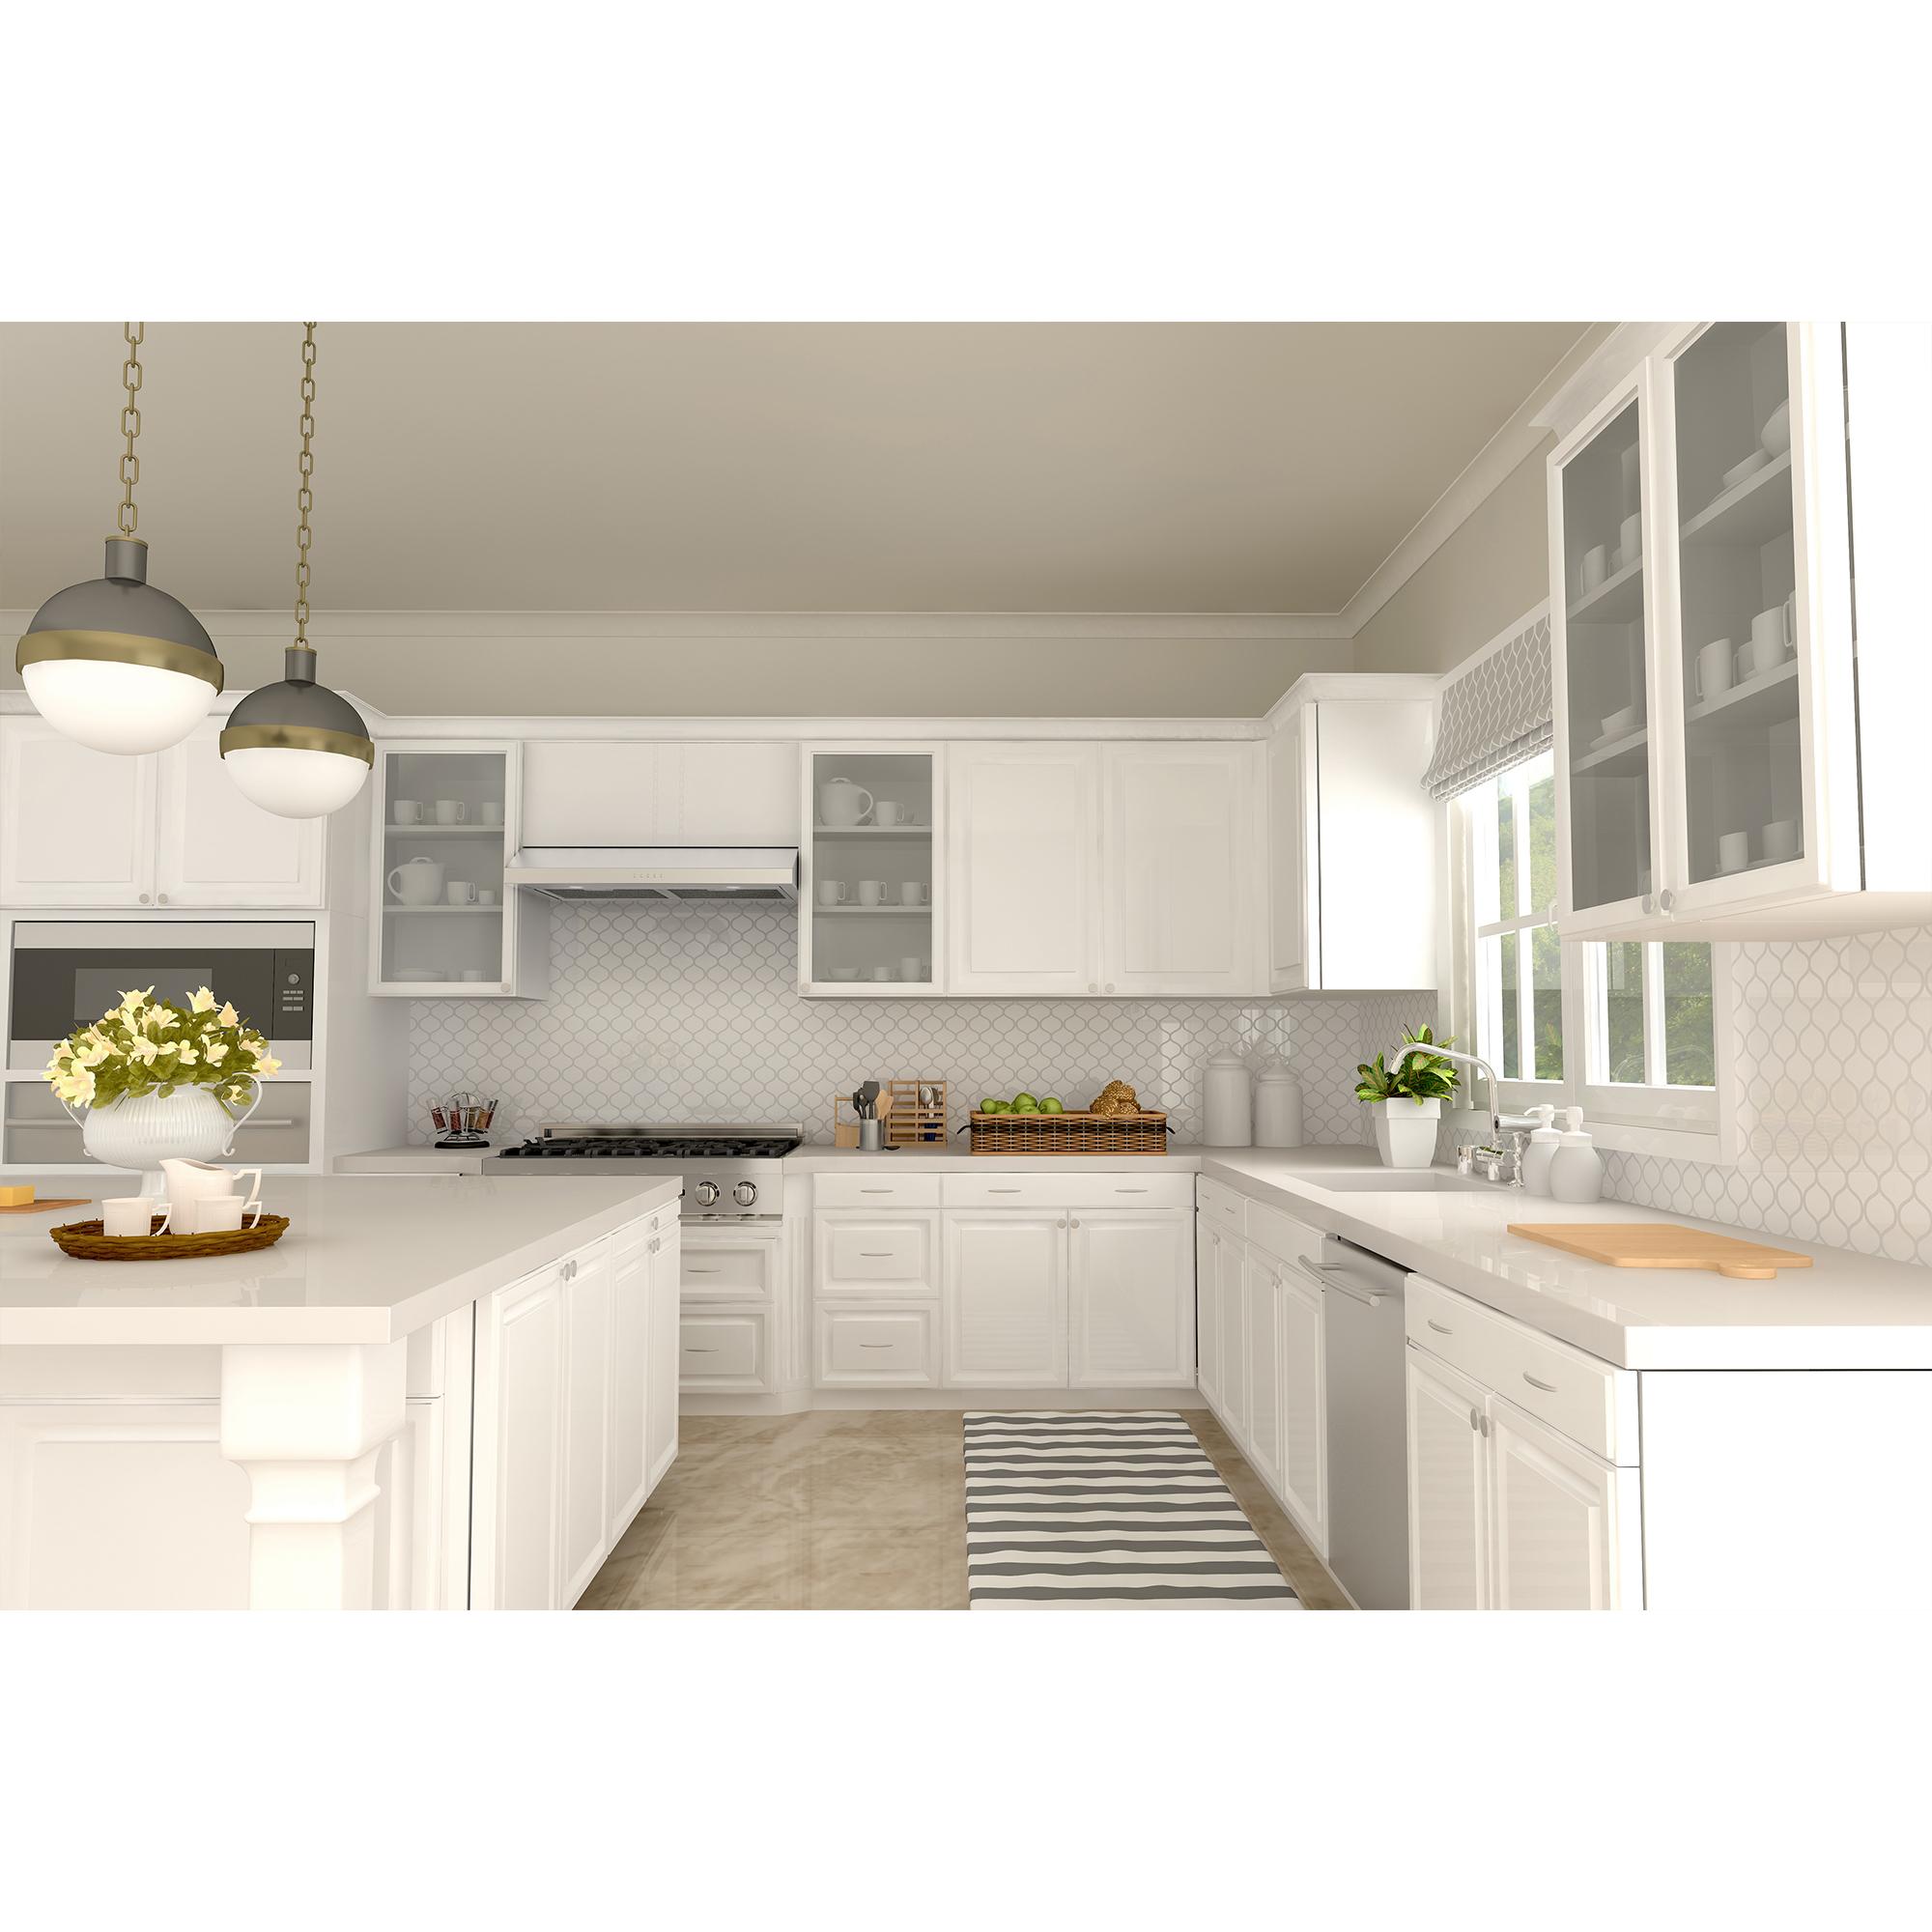 zline-stainless-steel-under-cabinet-range-hood-615-kitchen-updated.jpg